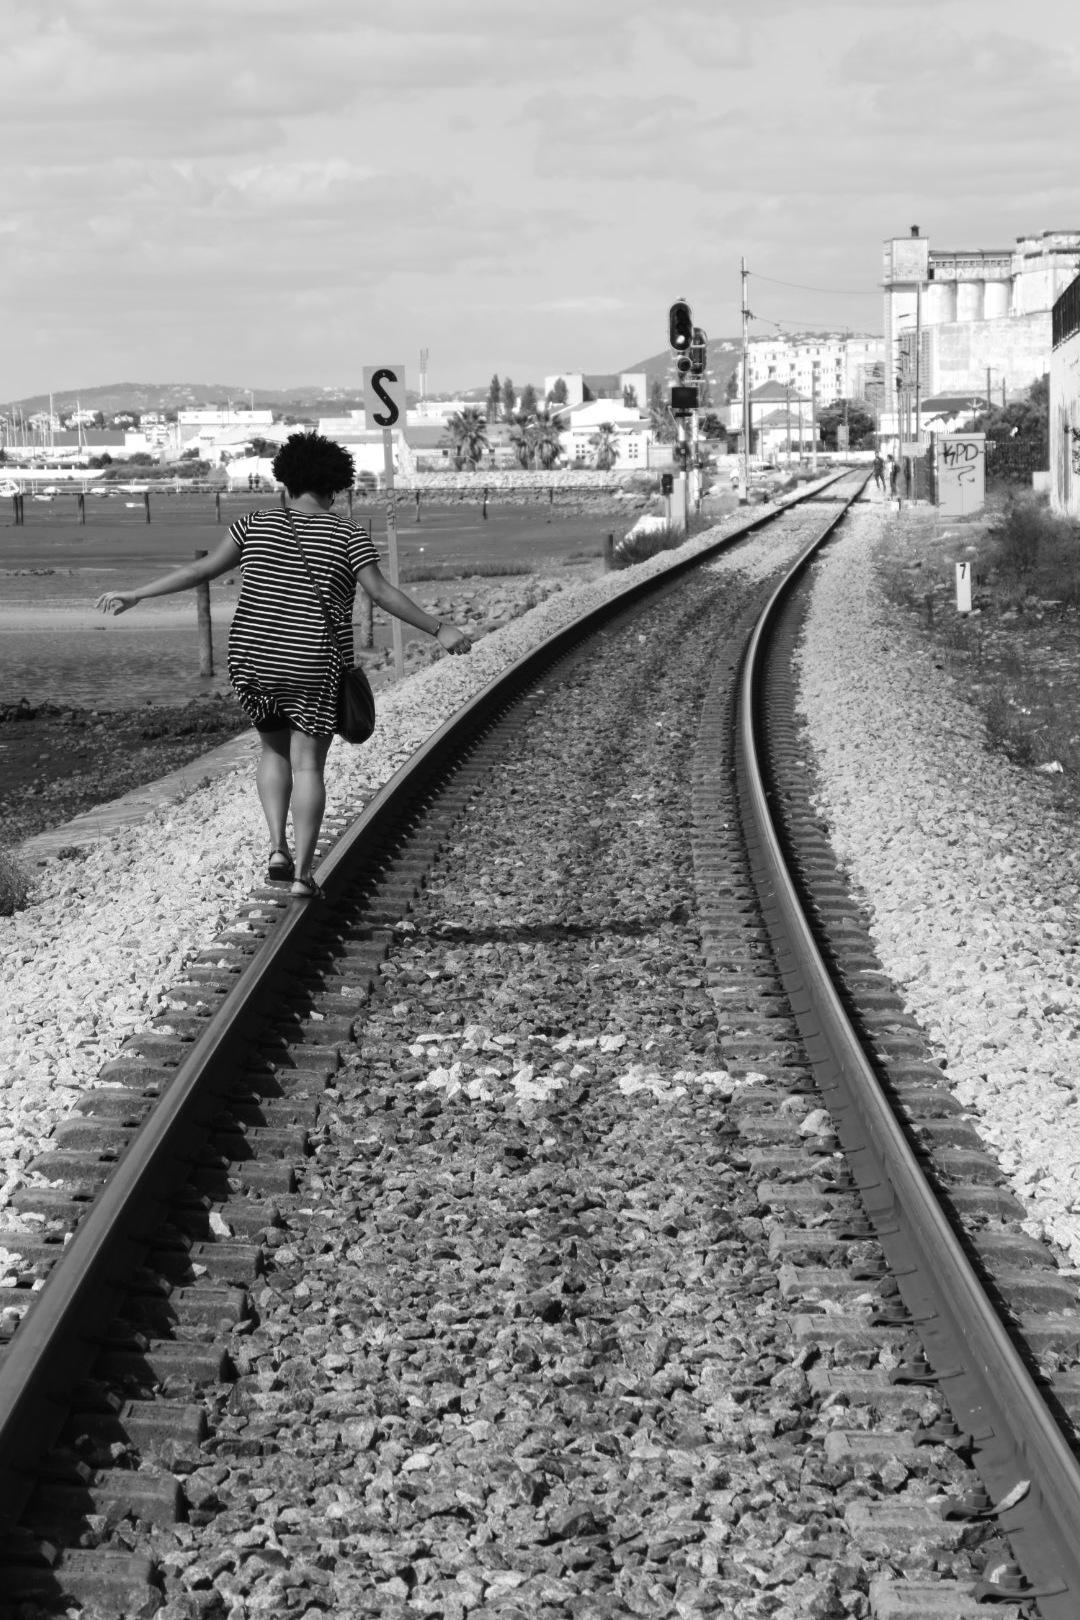 Walking a fine line  by Bob Jones